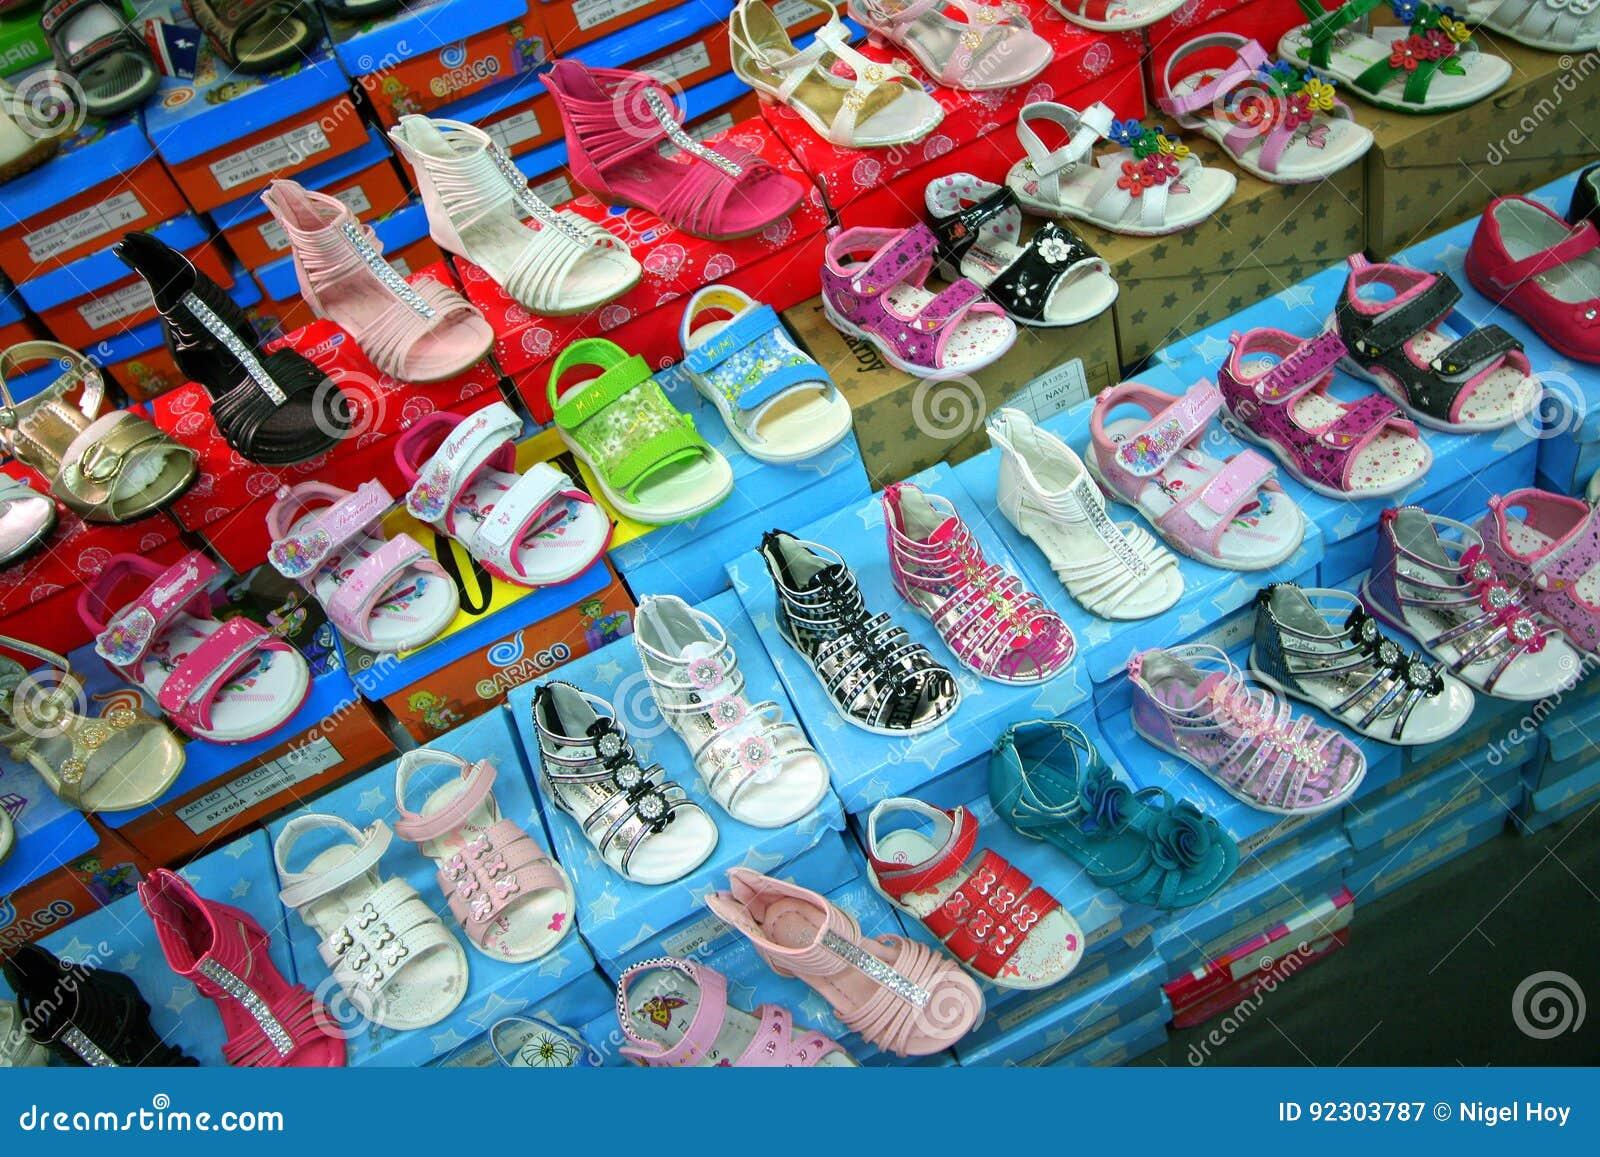 children's shoe shop near me